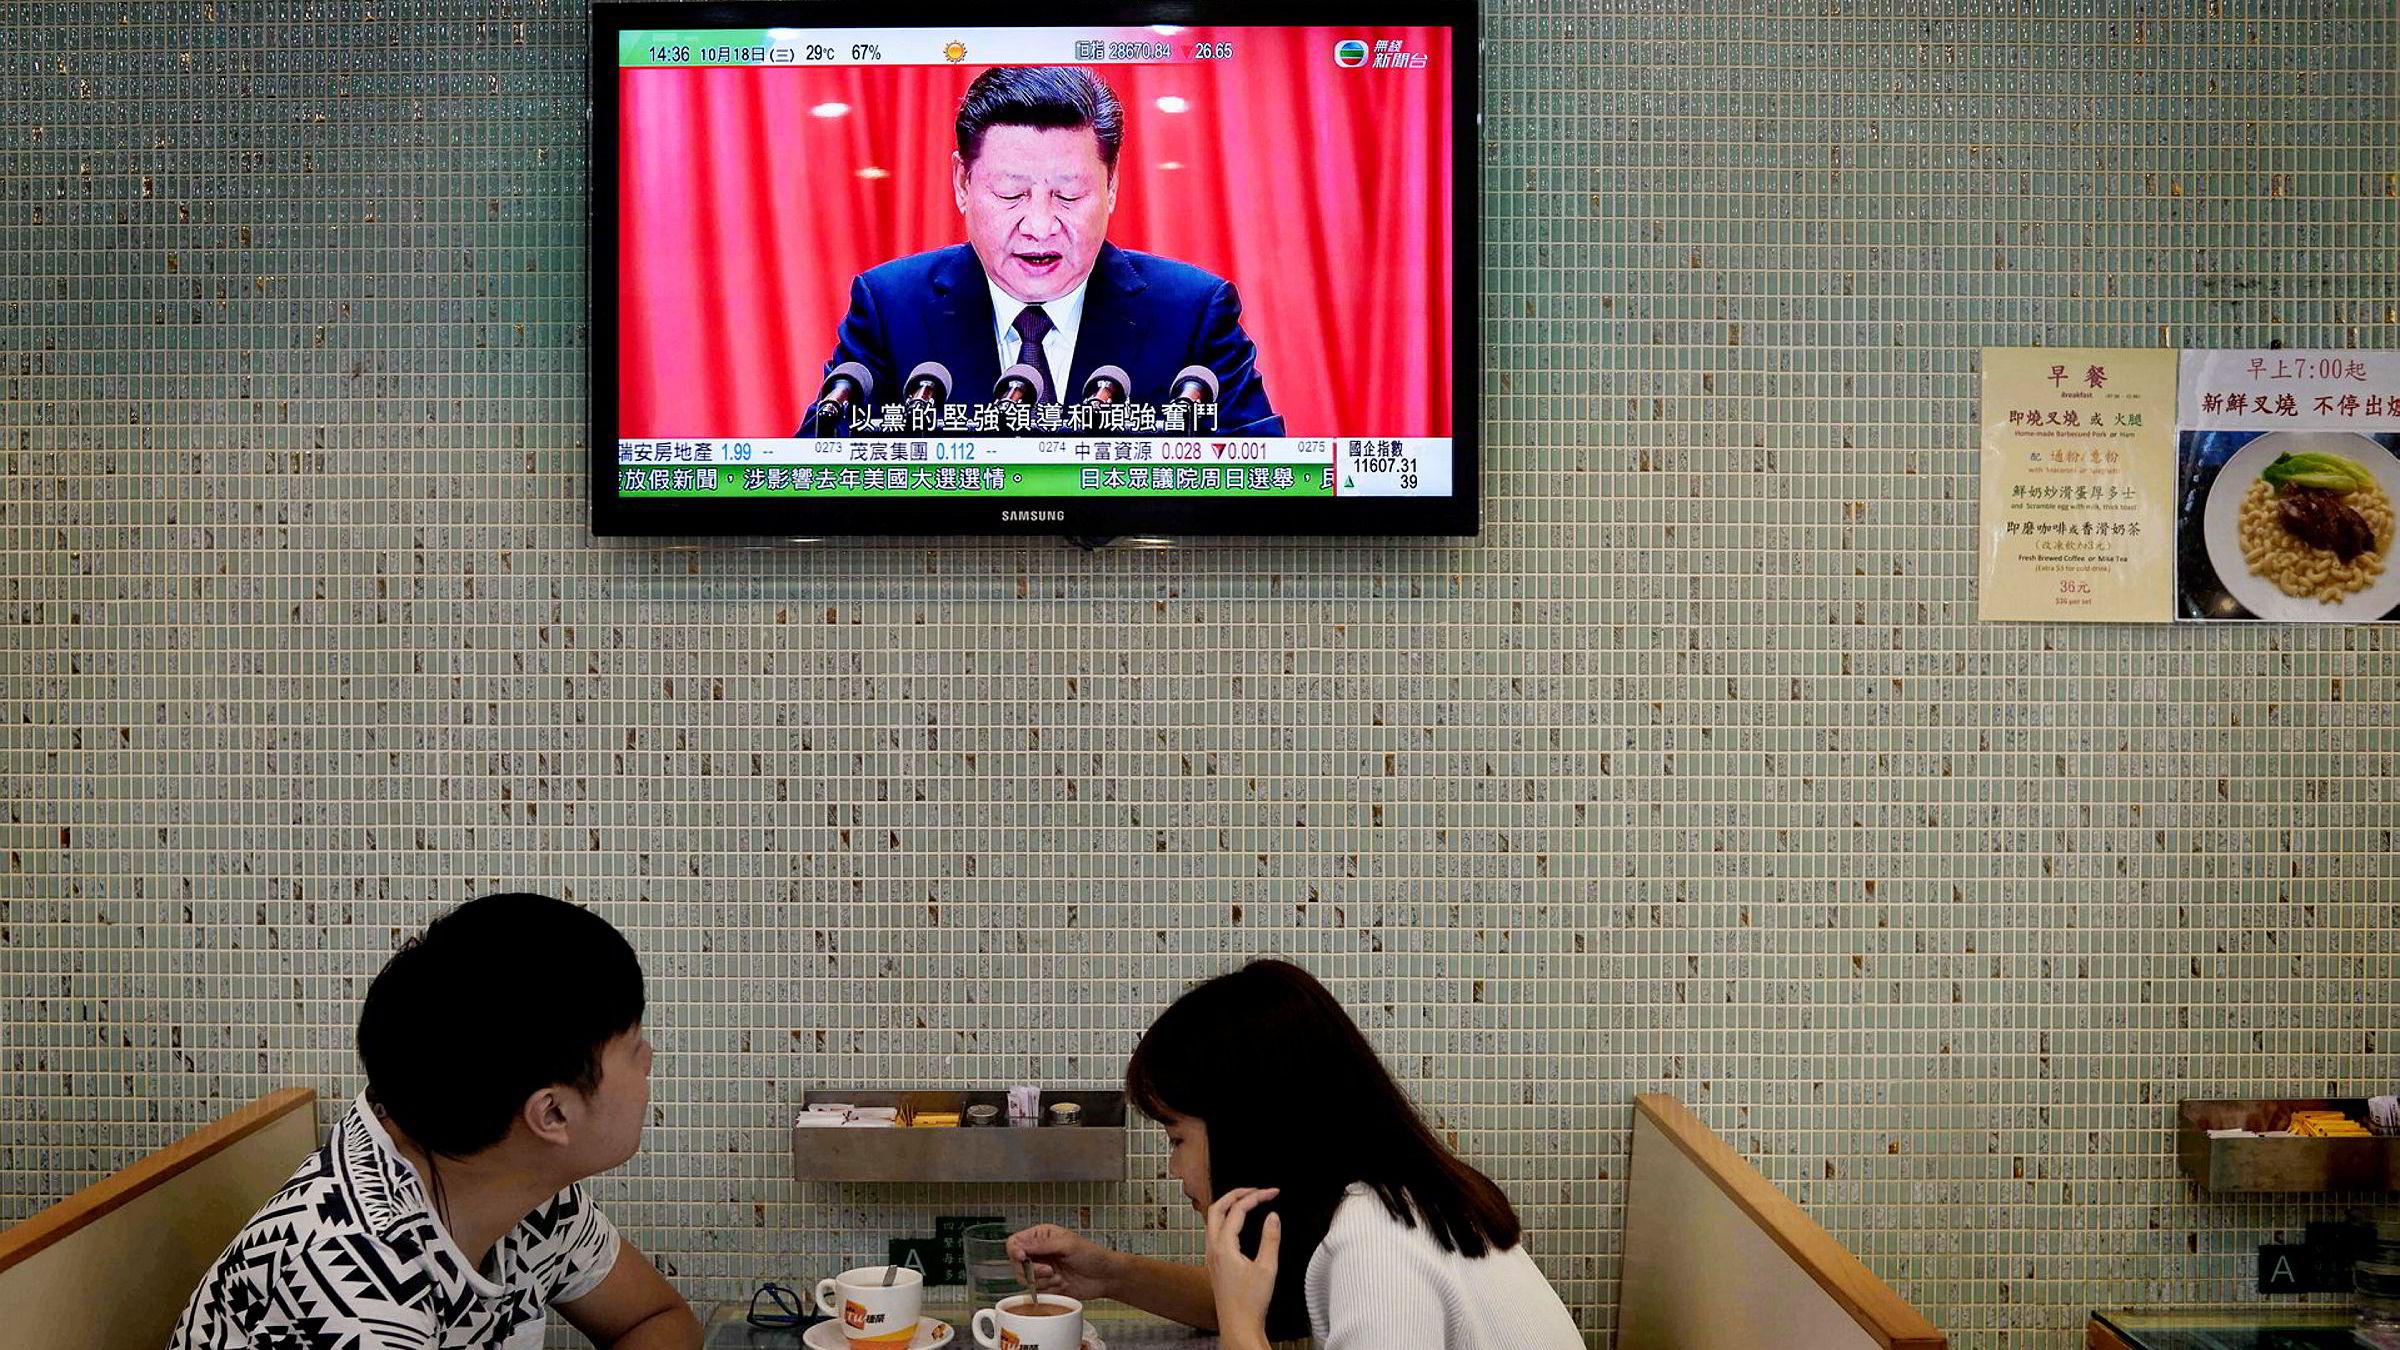 Den 19. partikongressen setter kursen mot år 2050. President Xi Jinping lover velstand, harmoni i et vakkert, sosialistisk og moderne land – med et snev av demokrati – under forutsetning av at det skjer med kommunistpartiets ledelse.